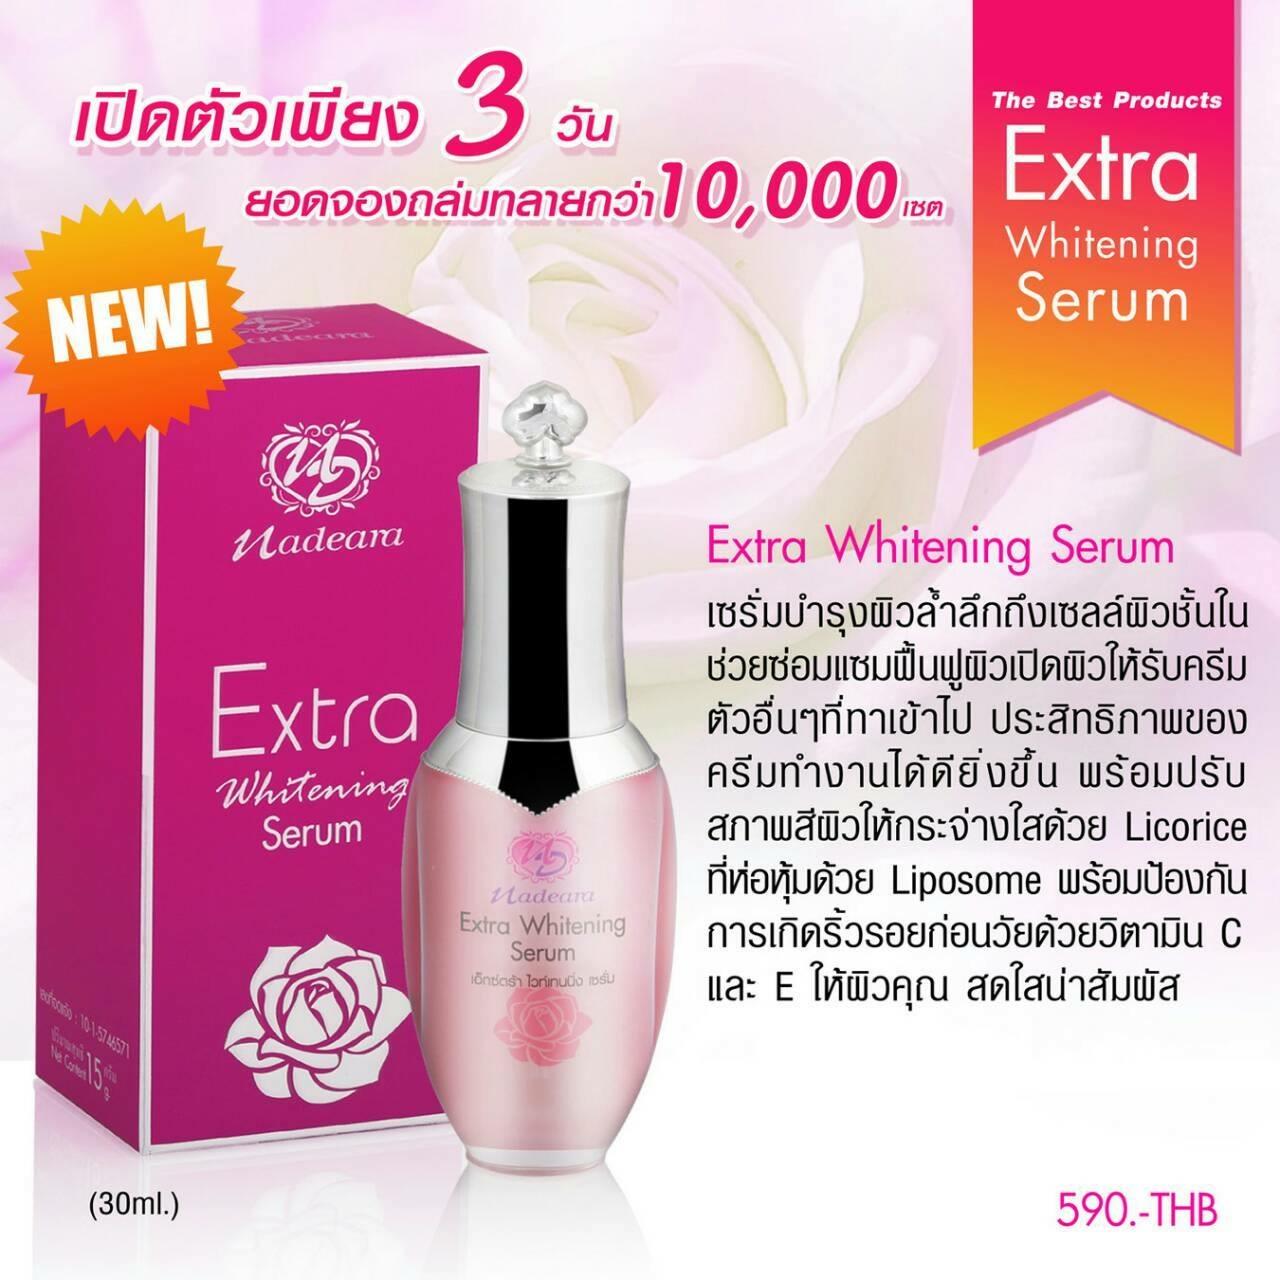 Extra Whitening serum